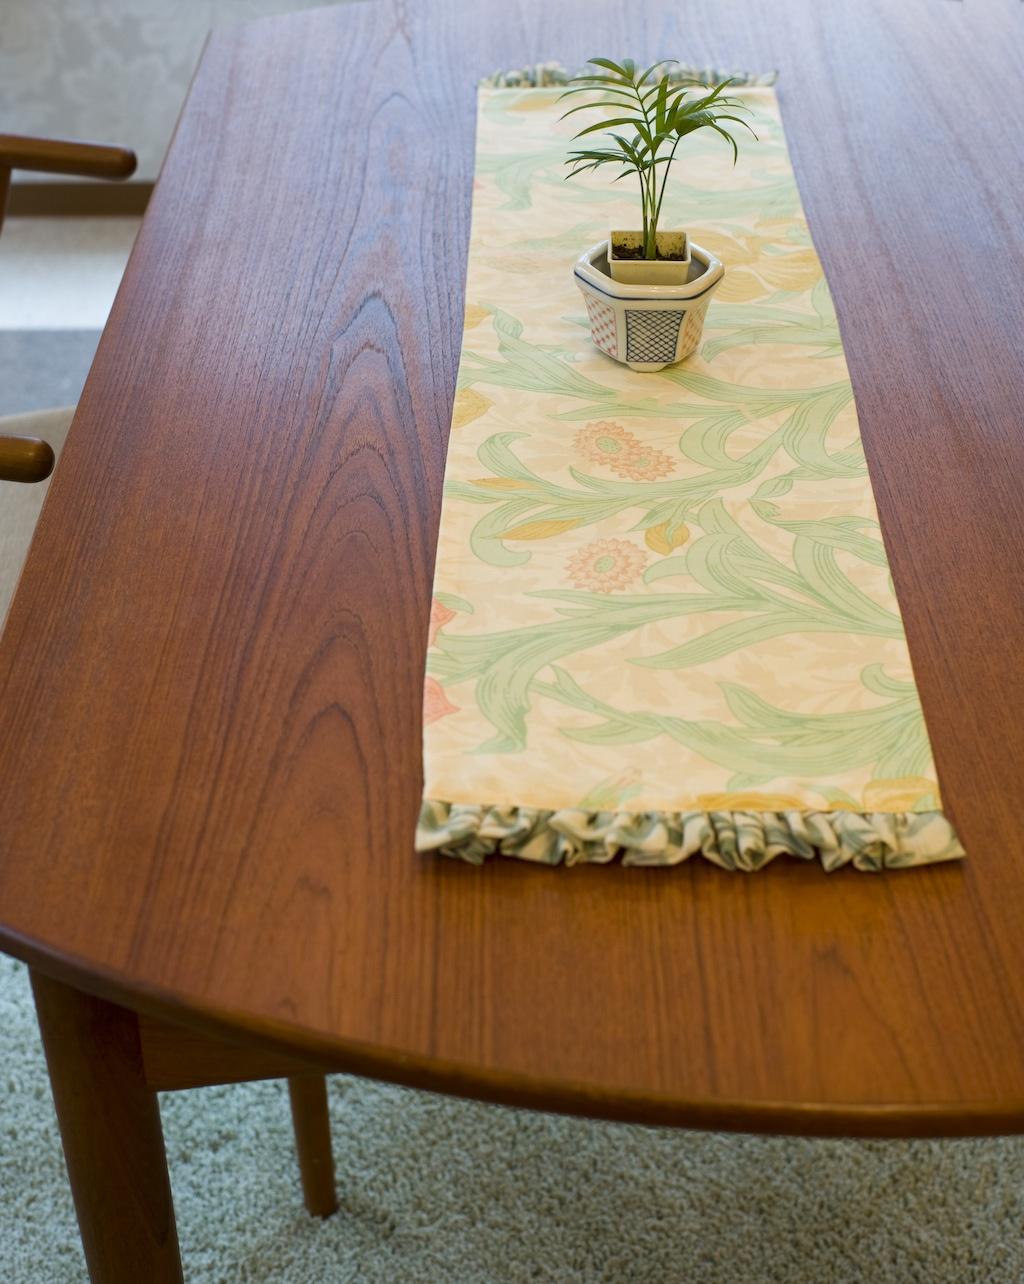 モリスの生地でテーブルリネンをつくりました。_c0157866_1526335.jpg